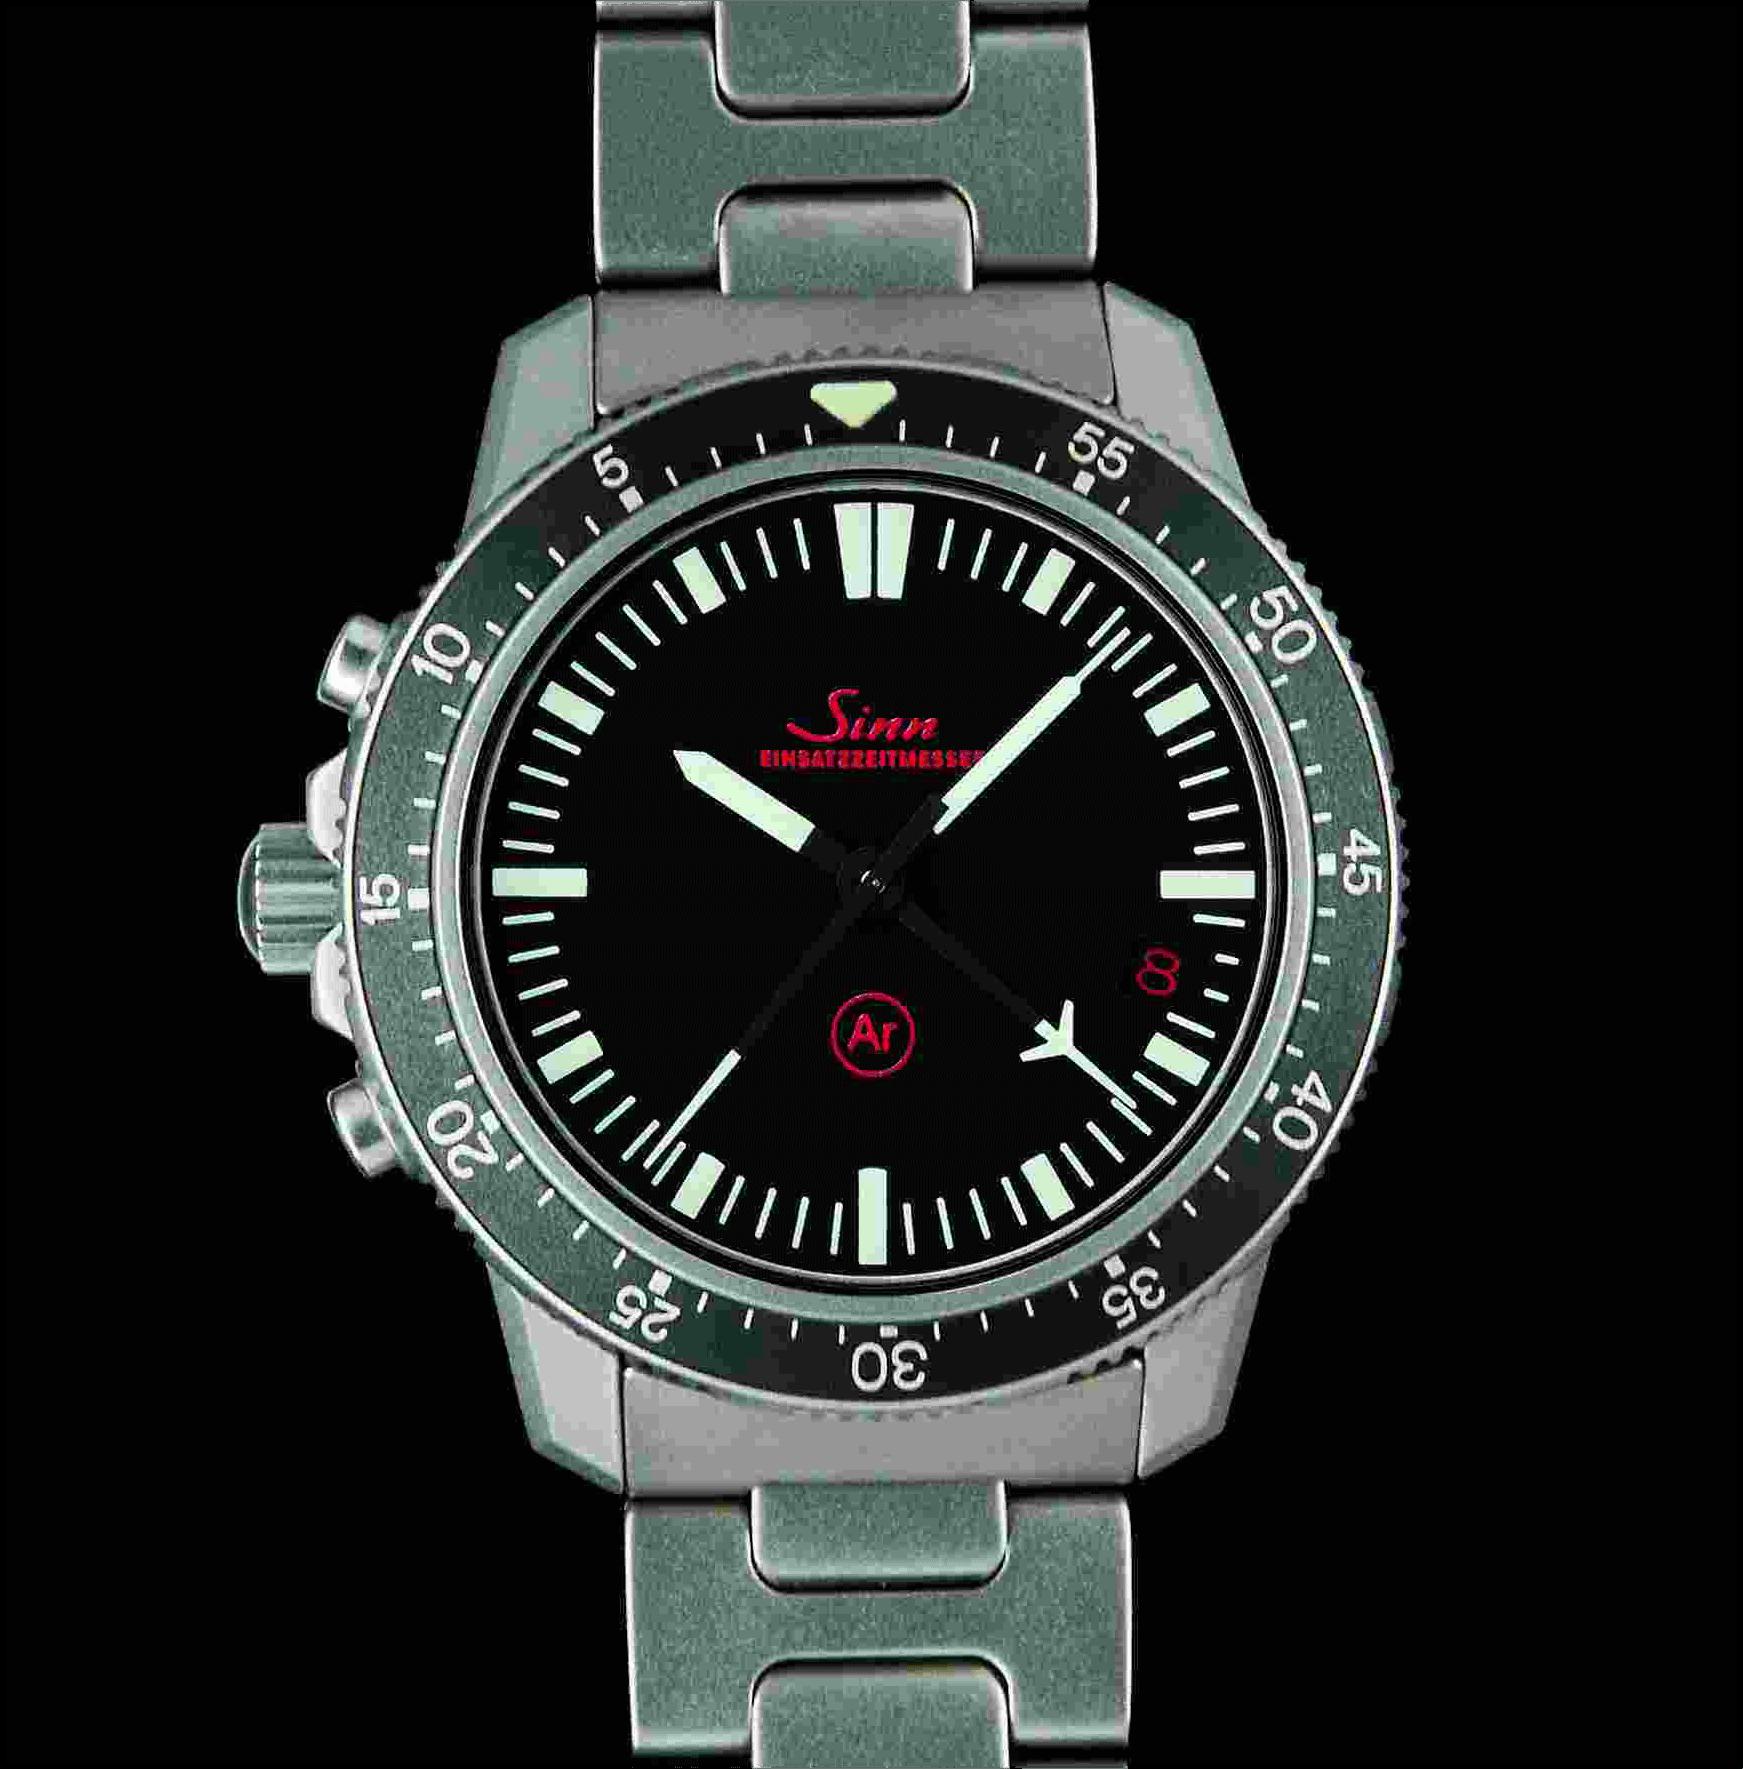 Sinn Uhr von 1997: Einsatzzeitmesser EZM 1